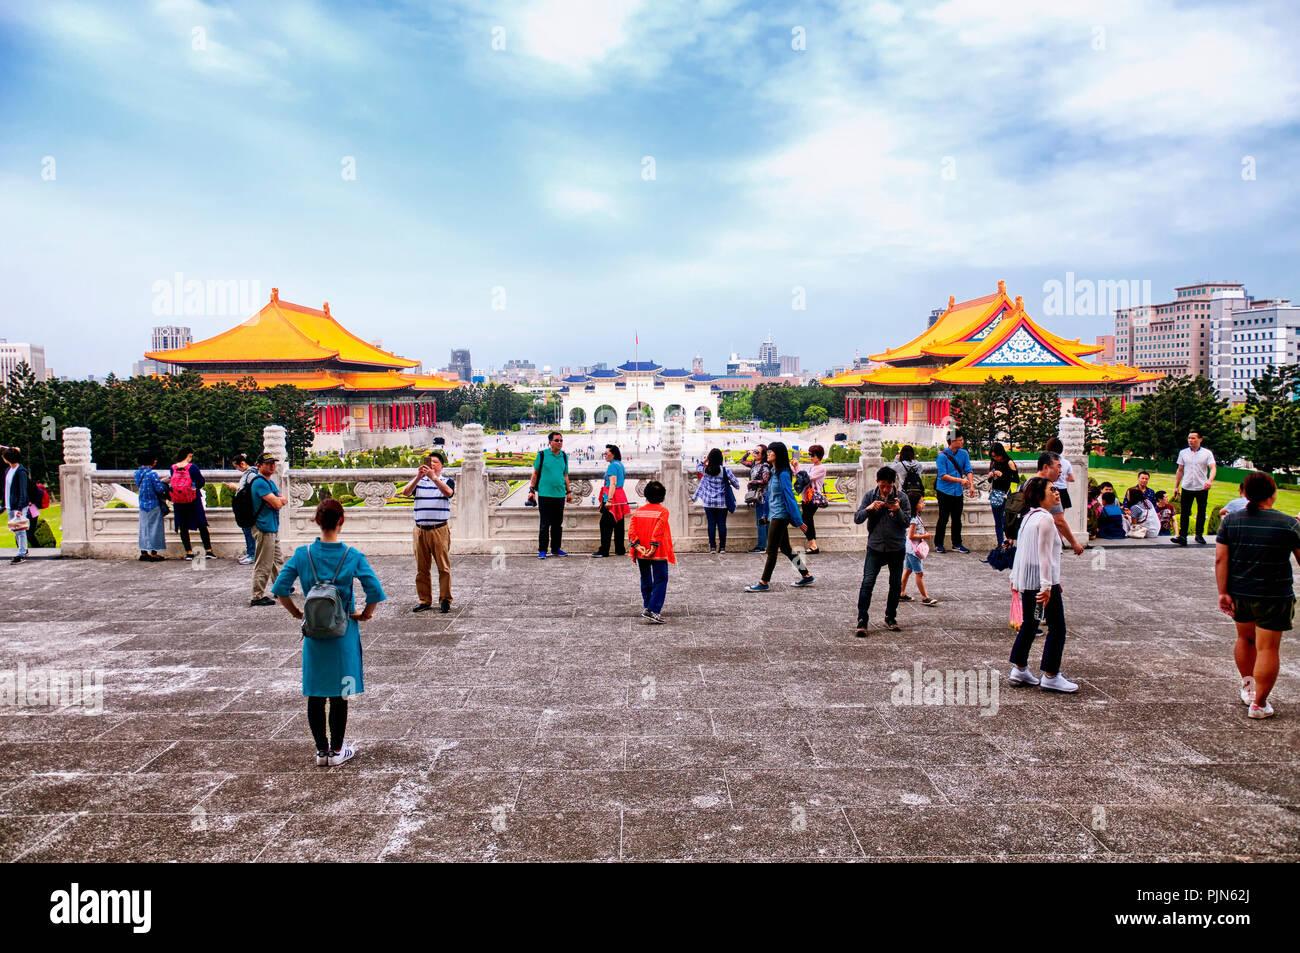 Le 31 mars 2018. Taipei, Taiwan. Les touristes en face de l'Chiang Kai-Shek Memorial avec les salles de concert et de théâtre à l'arrière-plan en t Photo Stock